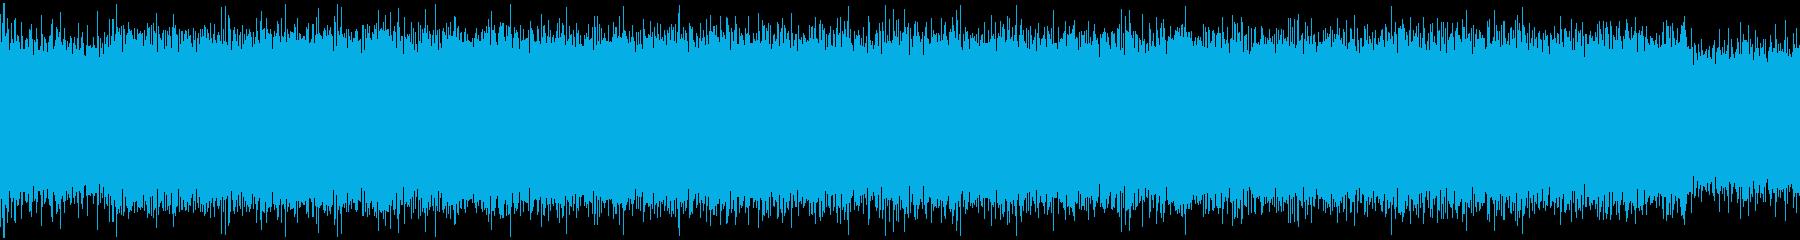 壮大な電子音楽 予告動画、トレーラーなどの再生済みの波形